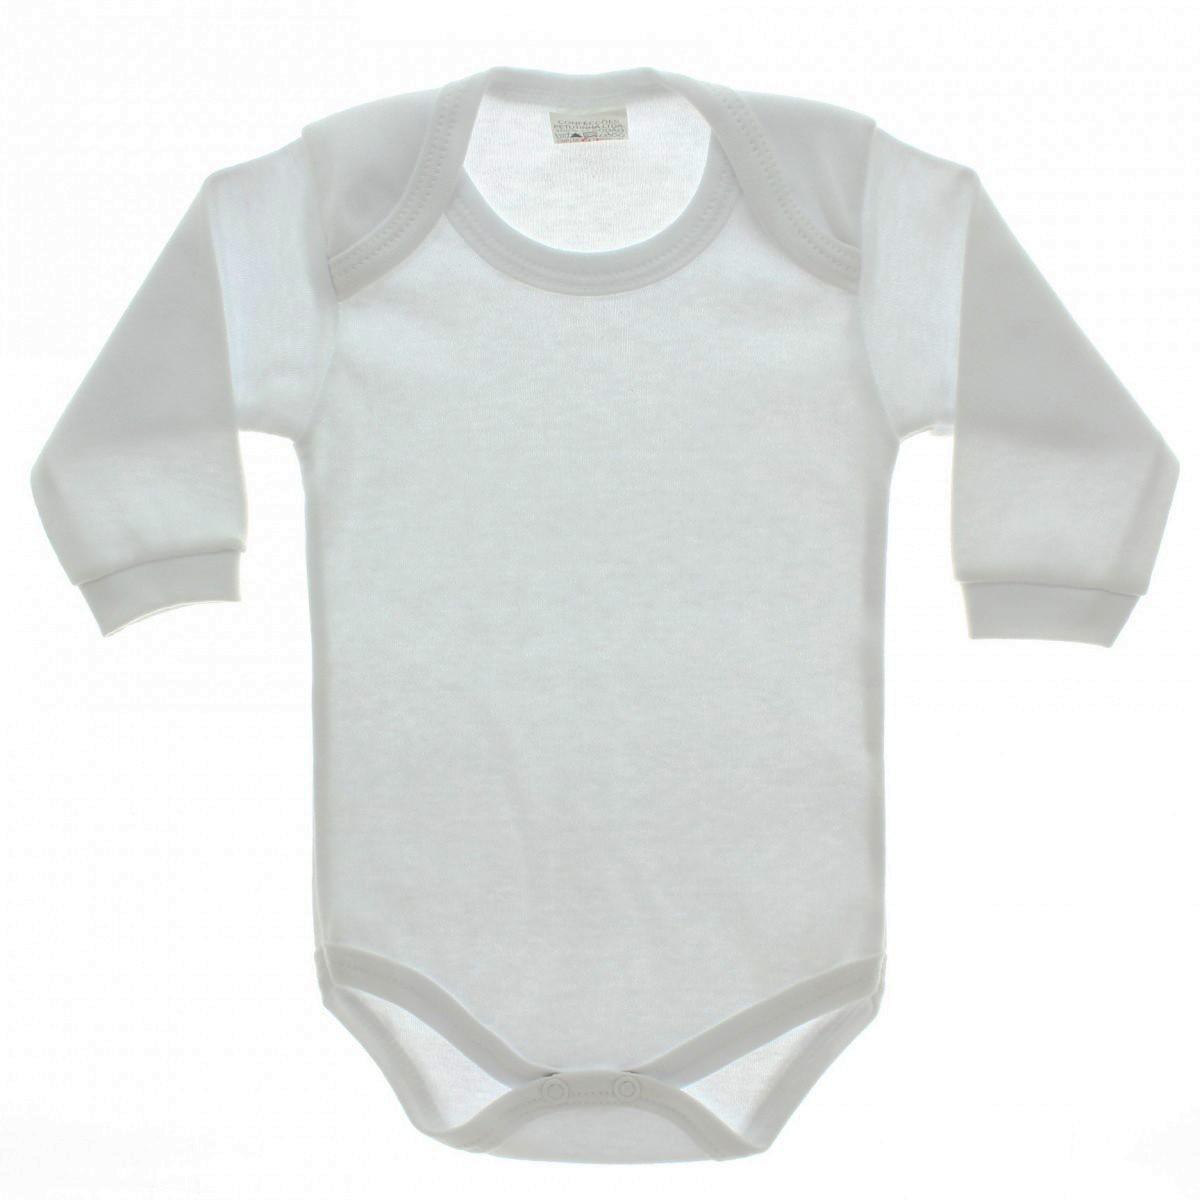 Body Infantil 100% Poliéster  Branca para Sublimação (MANGA LONGA)